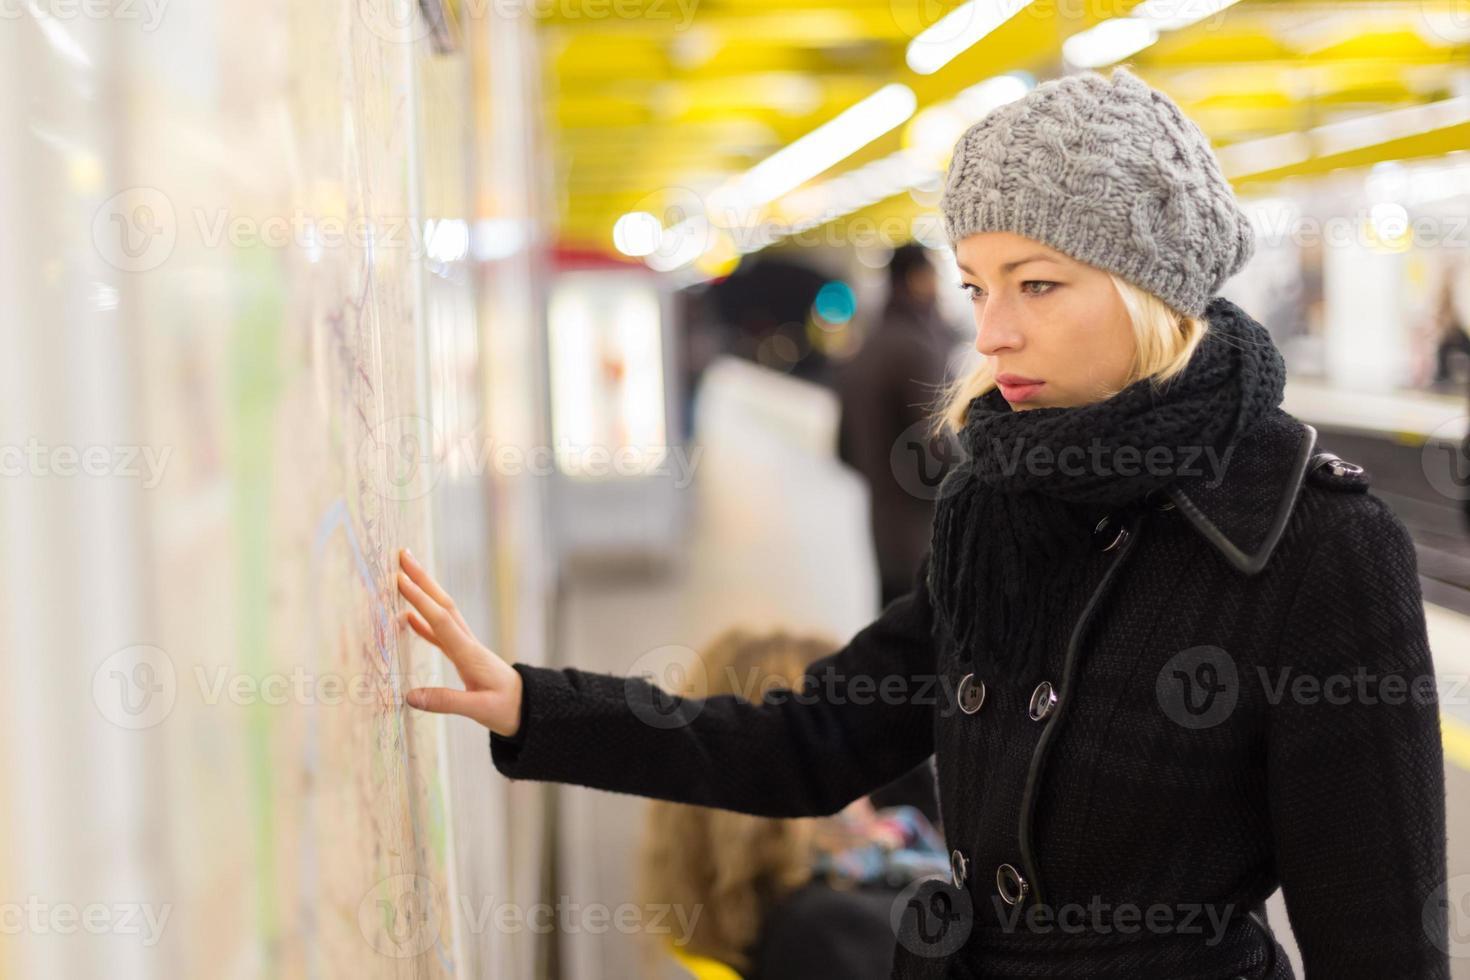 senhora olhando no painel de mapa de transportes públicos. foto